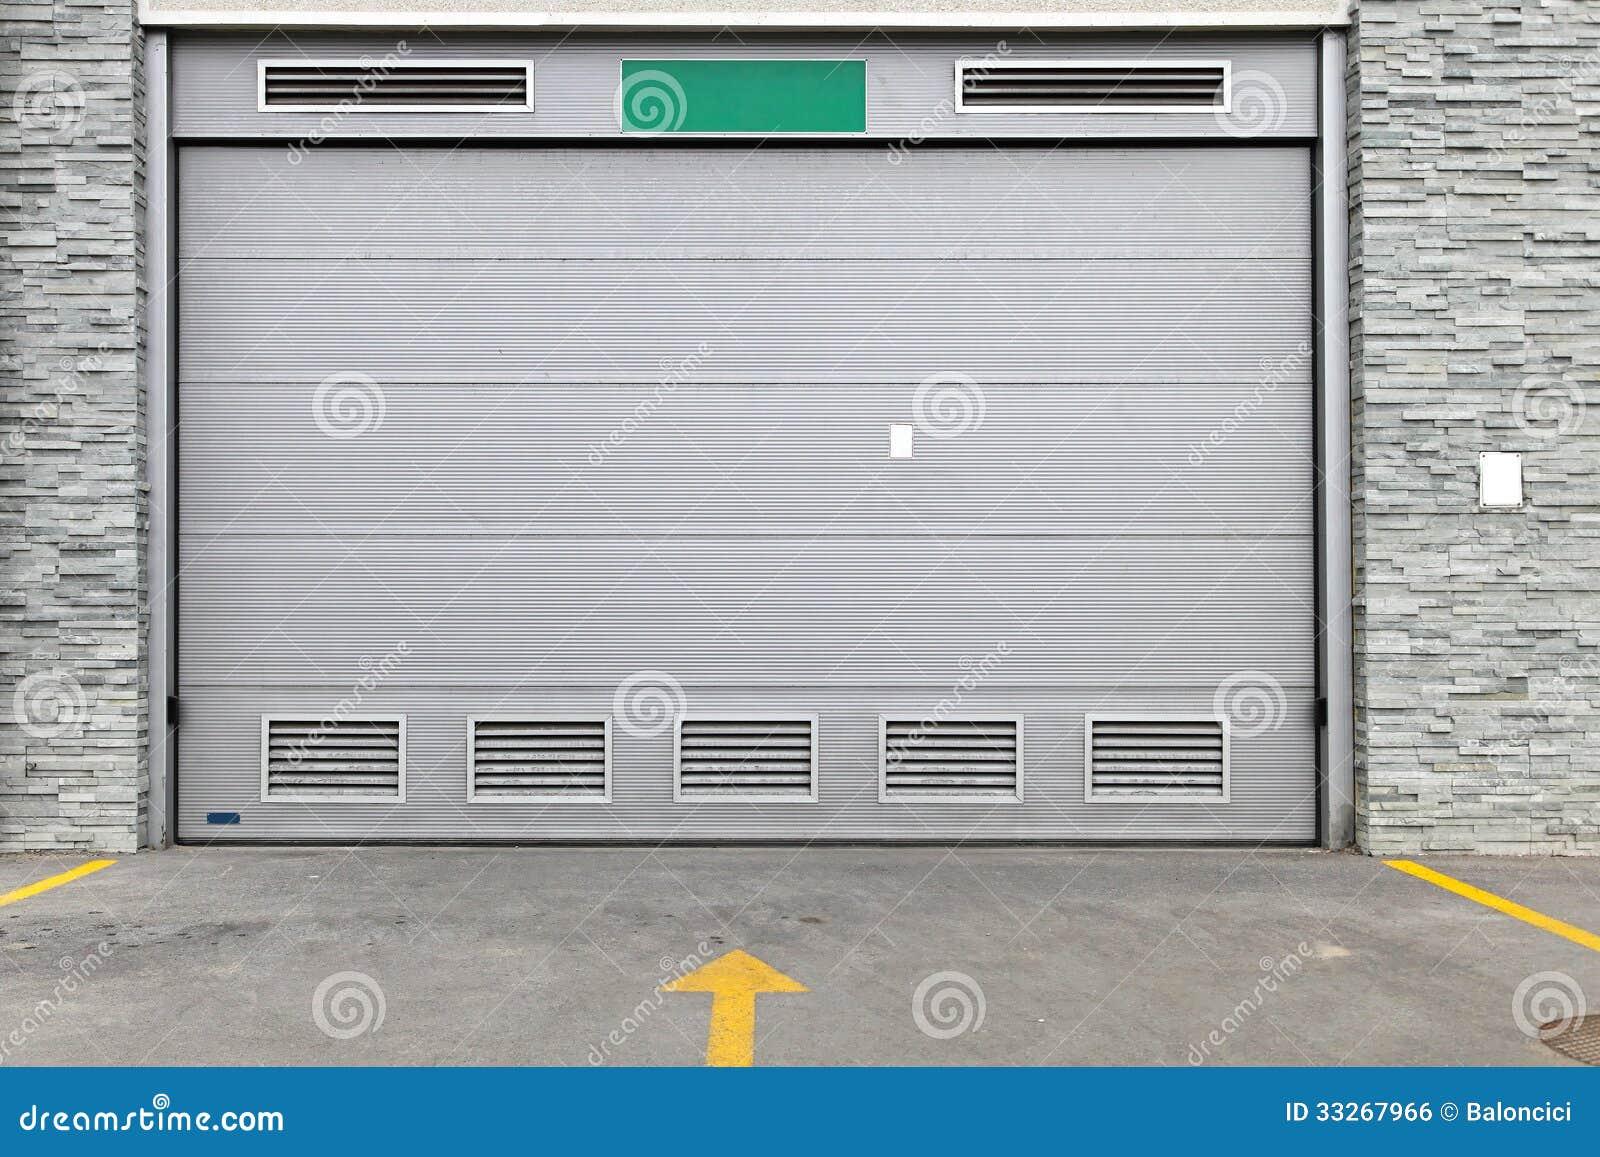 grauer garagentor stockfoto. bild von grau, haus, elektrisch - 33267966